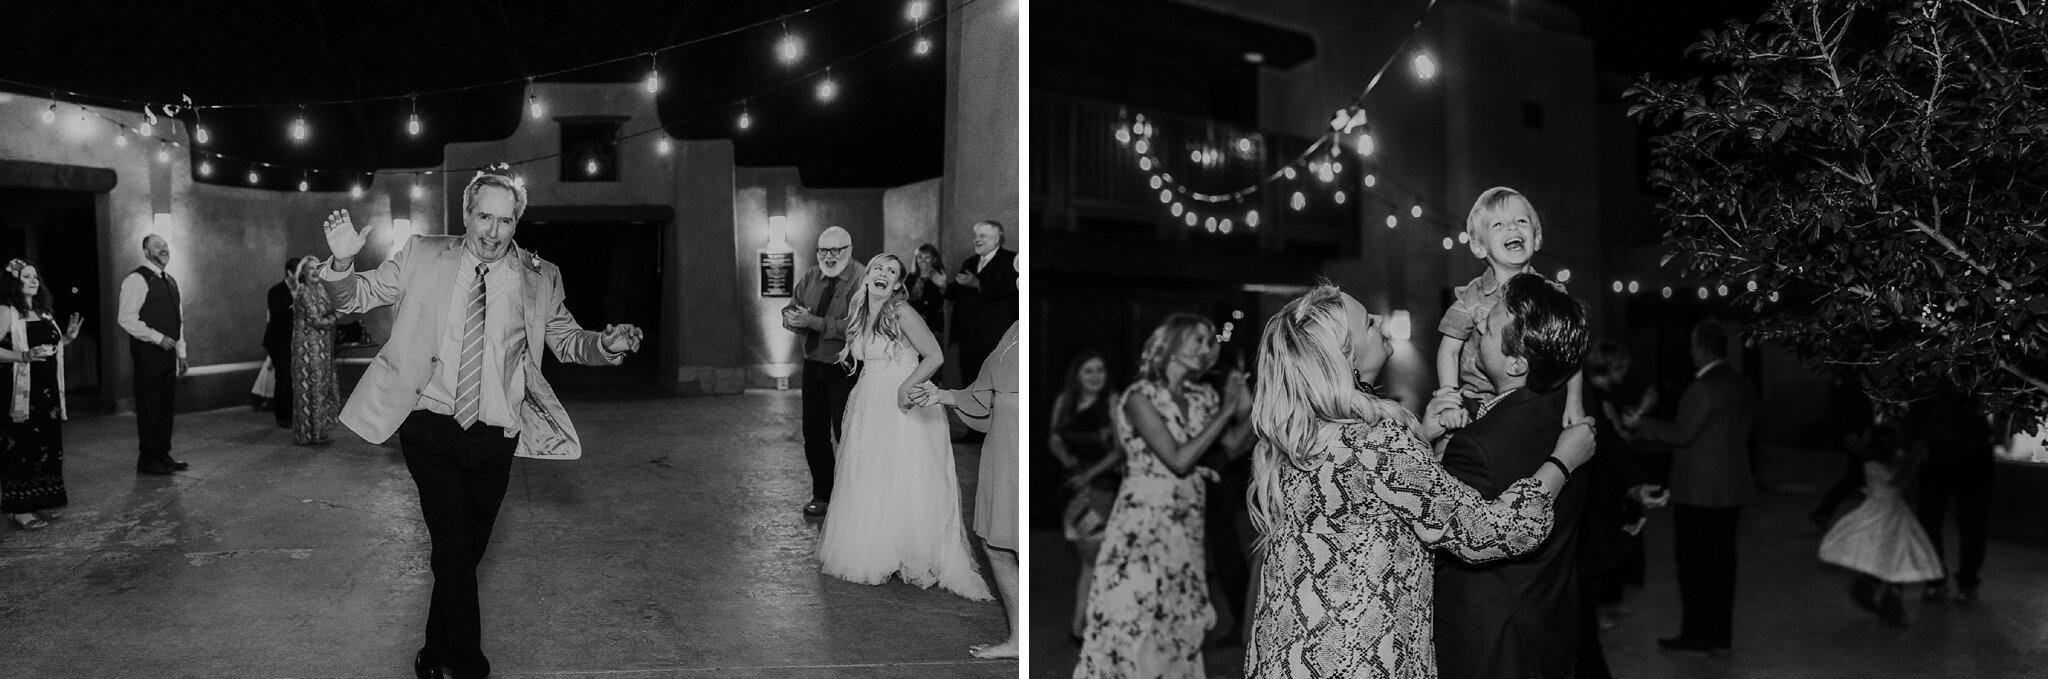 Alicia+lucia+photography+-+albuquerque+wedding+photographer+-+santa+fe+wedding+photography+-+new+mexico+wedding+photographer+-+new+mexico+wedding+-+wedding+-+santa+fe+wedding+-+ghost+ranch+-+ghost+ranch+wedding+-+fall+wedding_0095.jpg